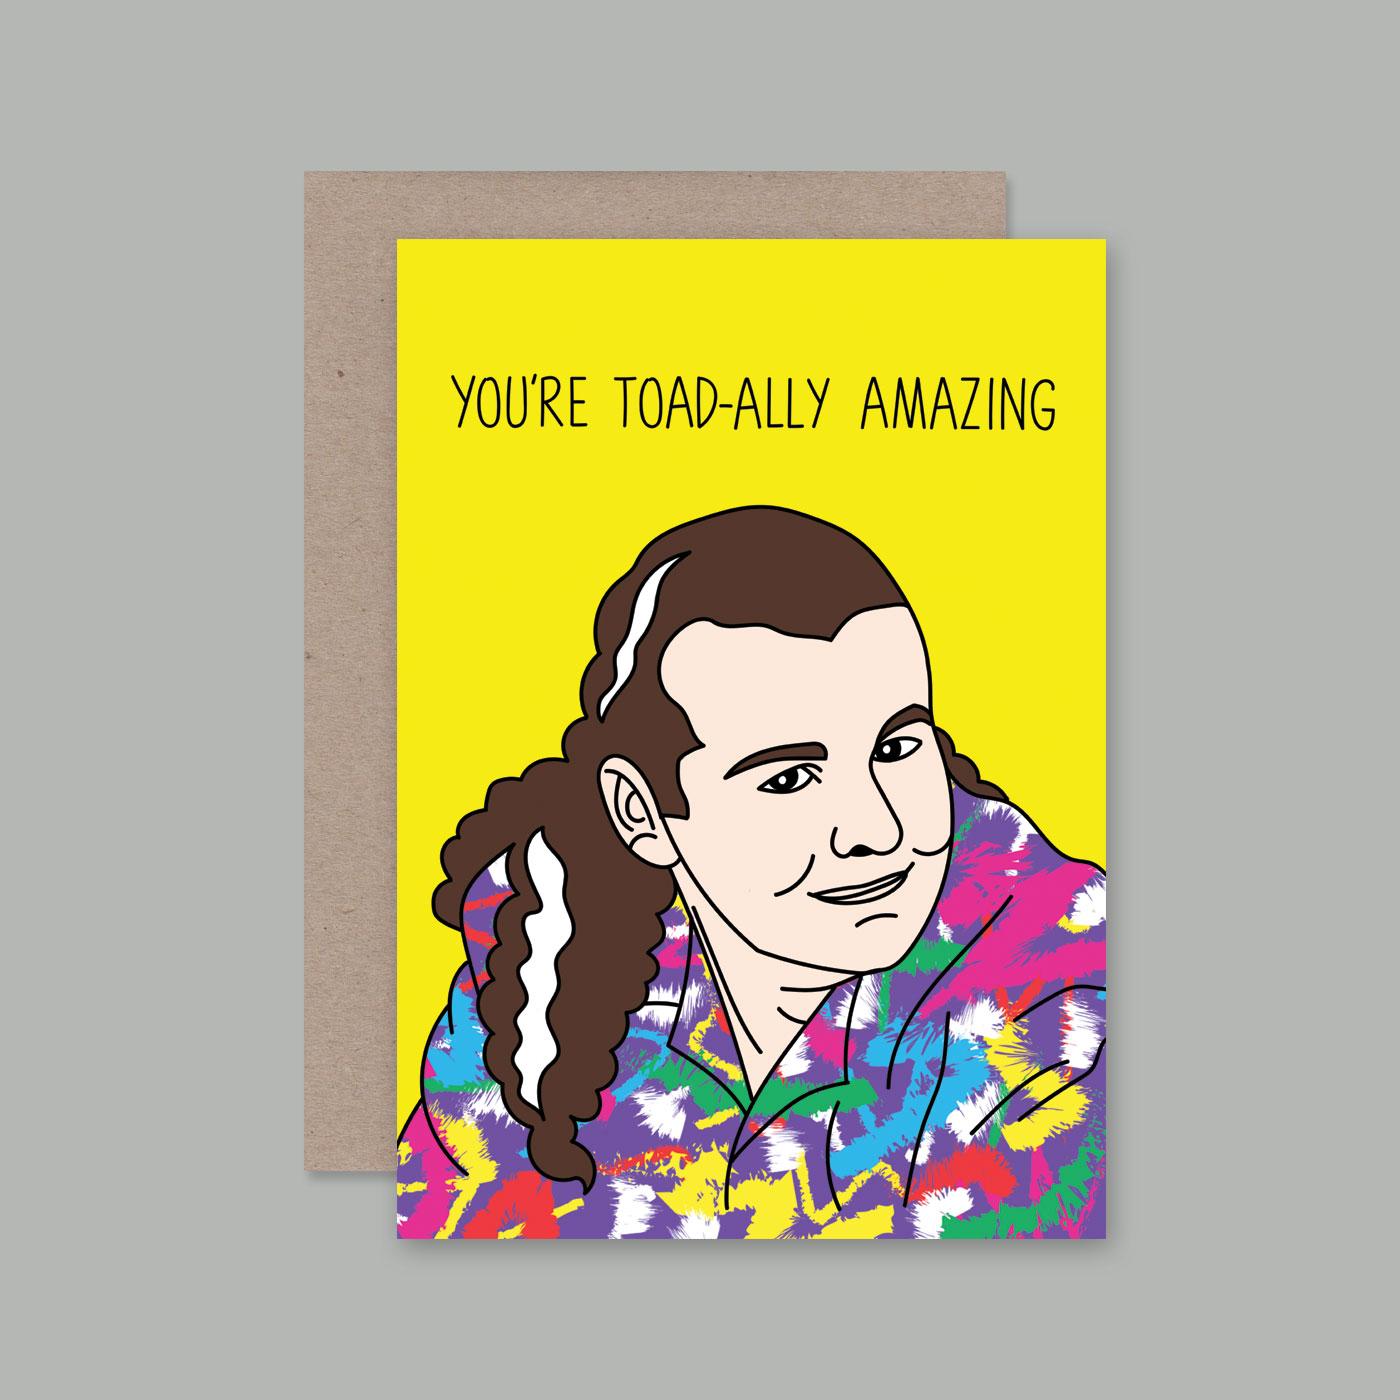 Toadfish_AHD_Card_FridaLasVegas